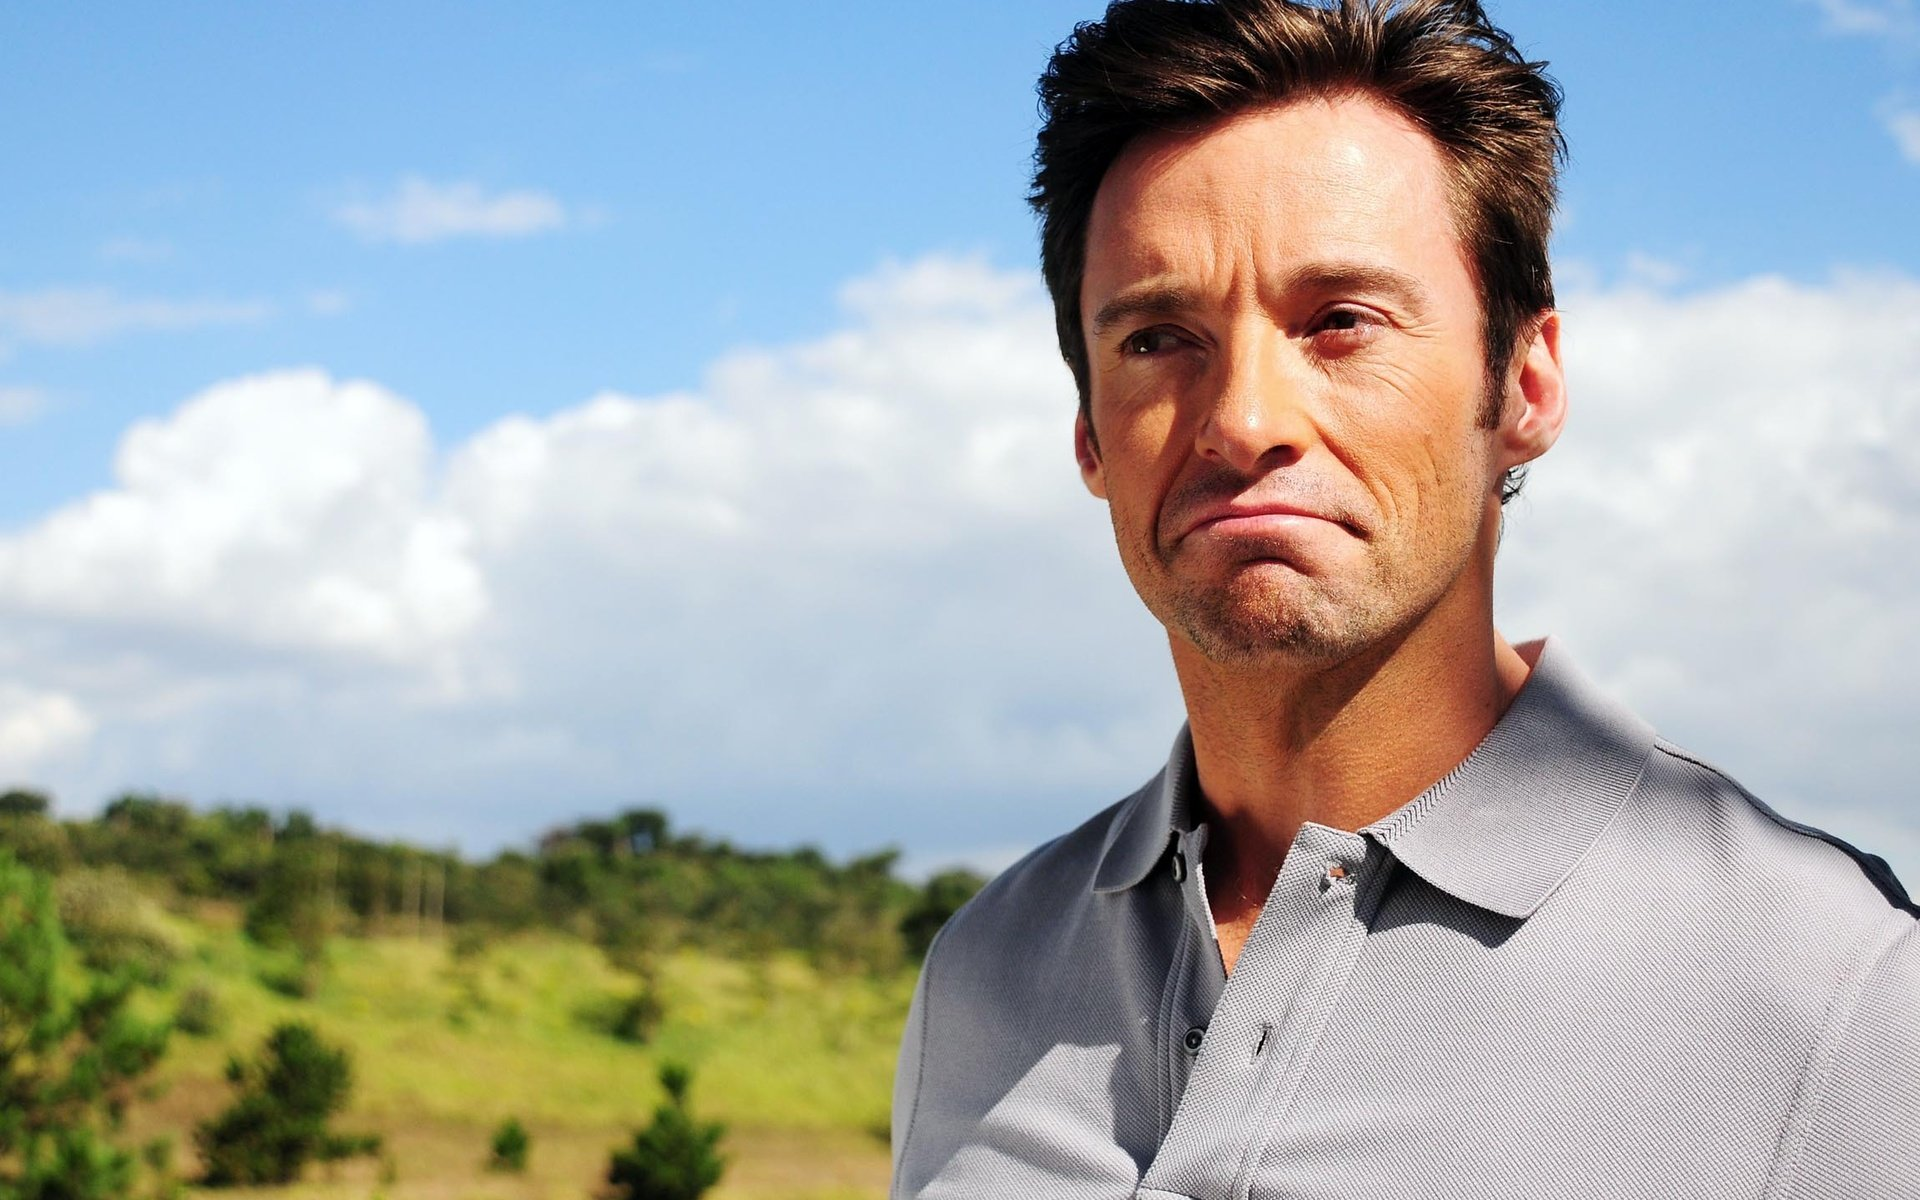 гильзу был актеры австралии мужчины фото недавнего времени